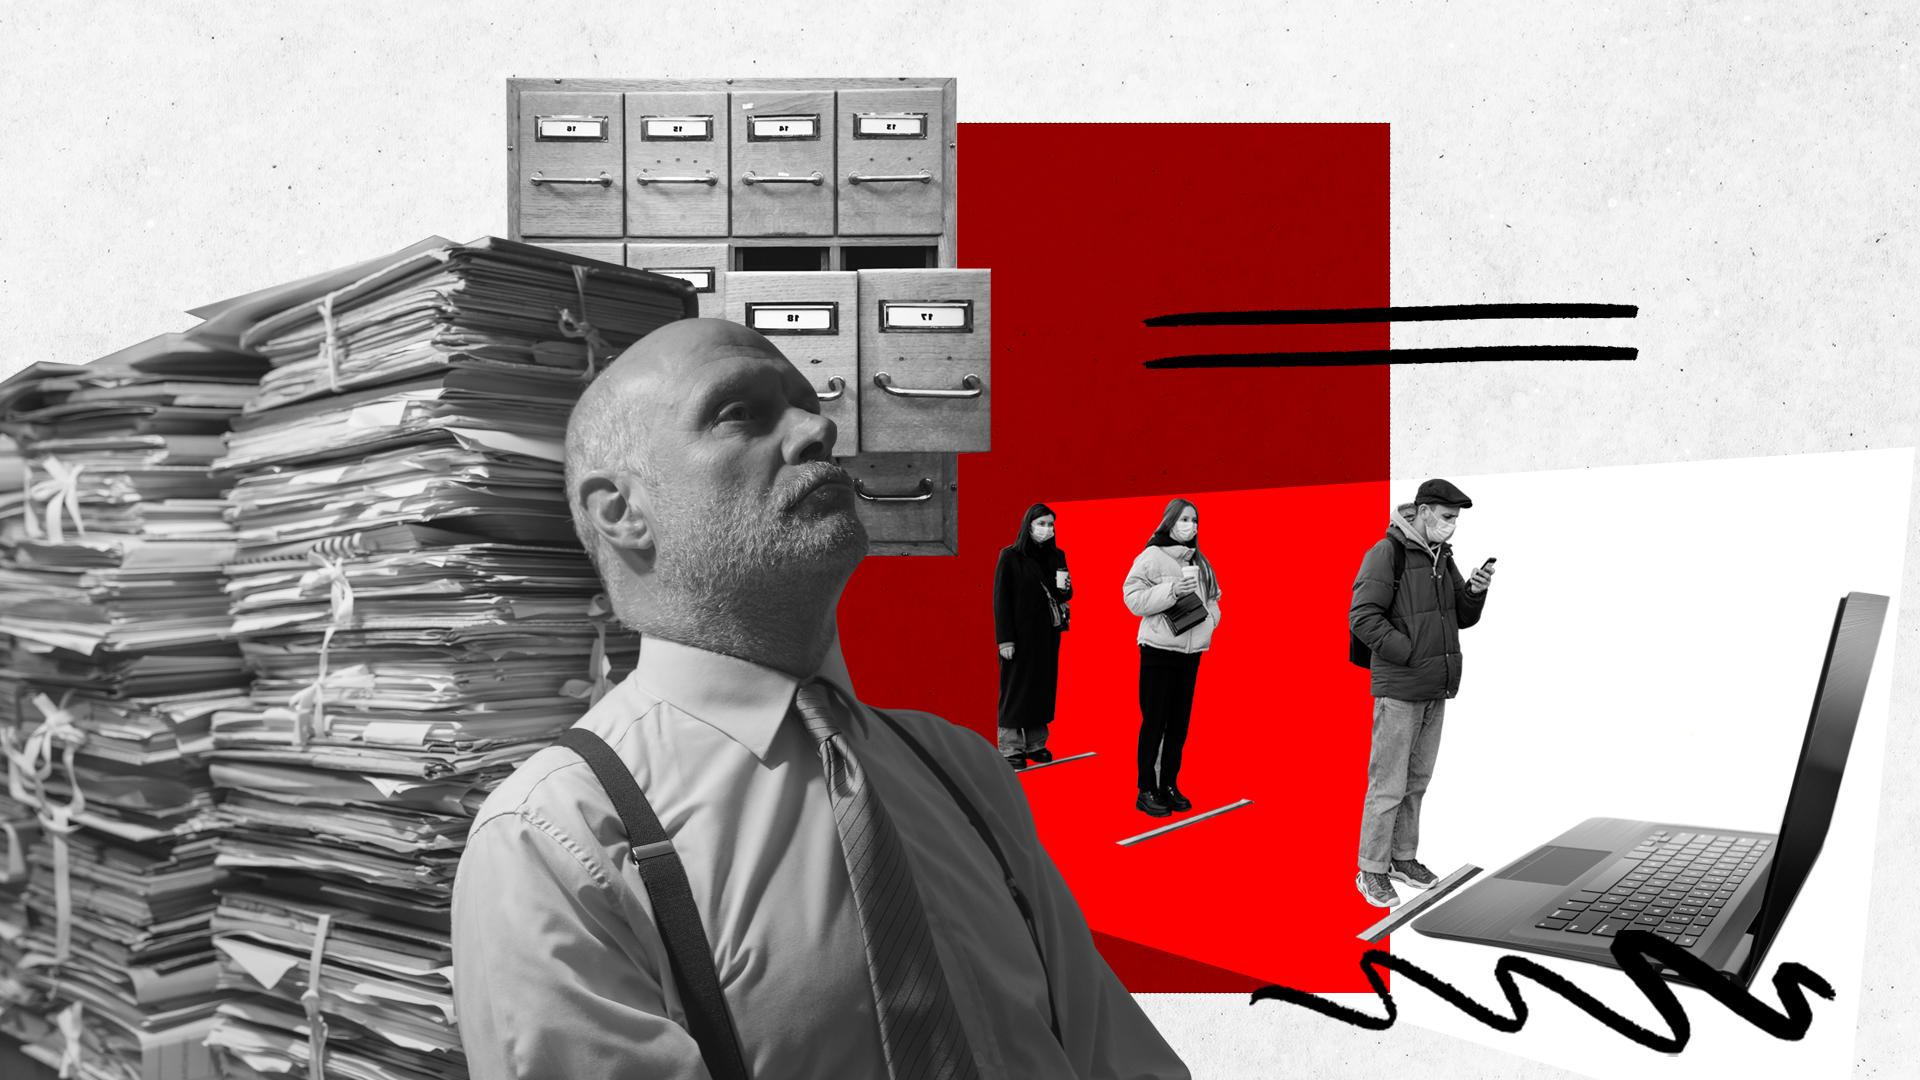 Qué es el distanciamiento digital y cómo una ley puede dinamizar trámites burocráticos interminables